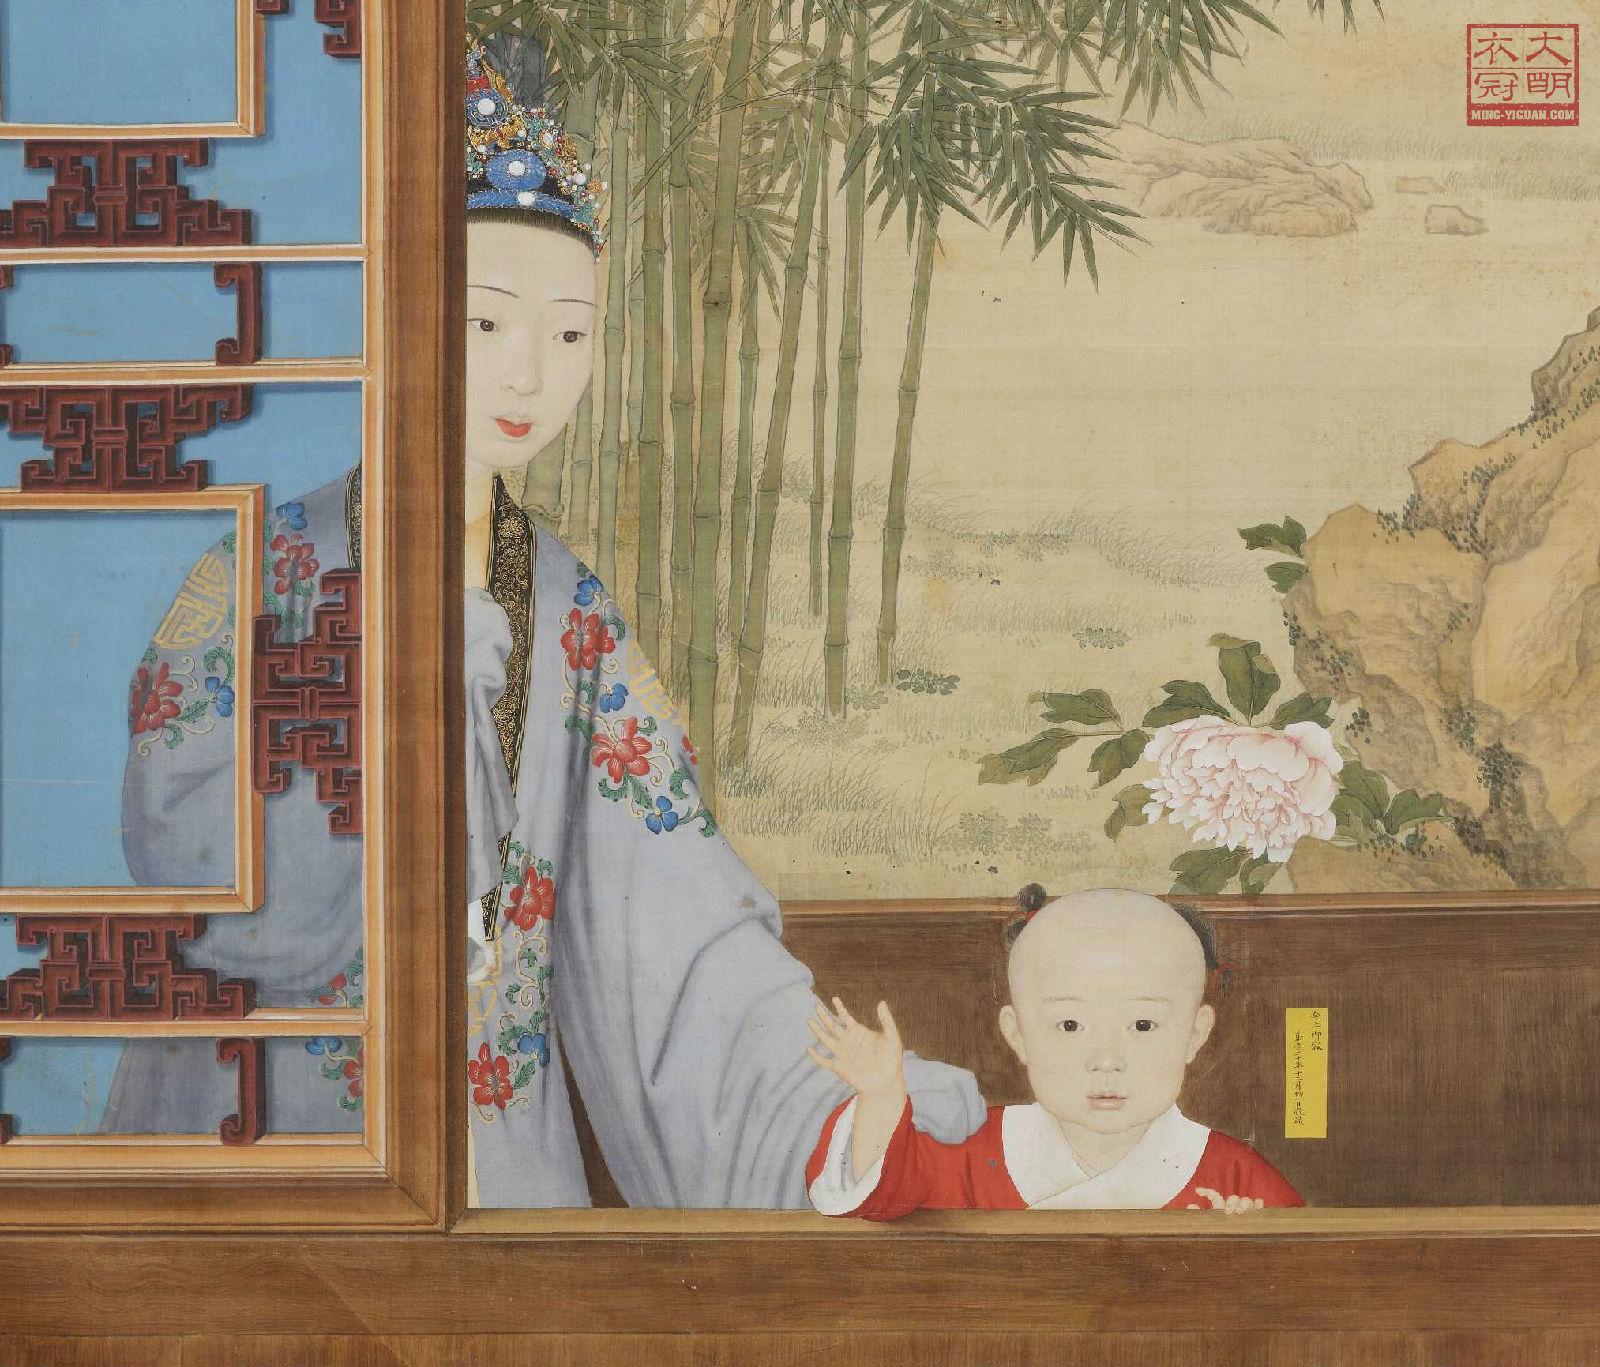 ... 左边的女子头戴狄訾,一身明中后期汉家女子服饰